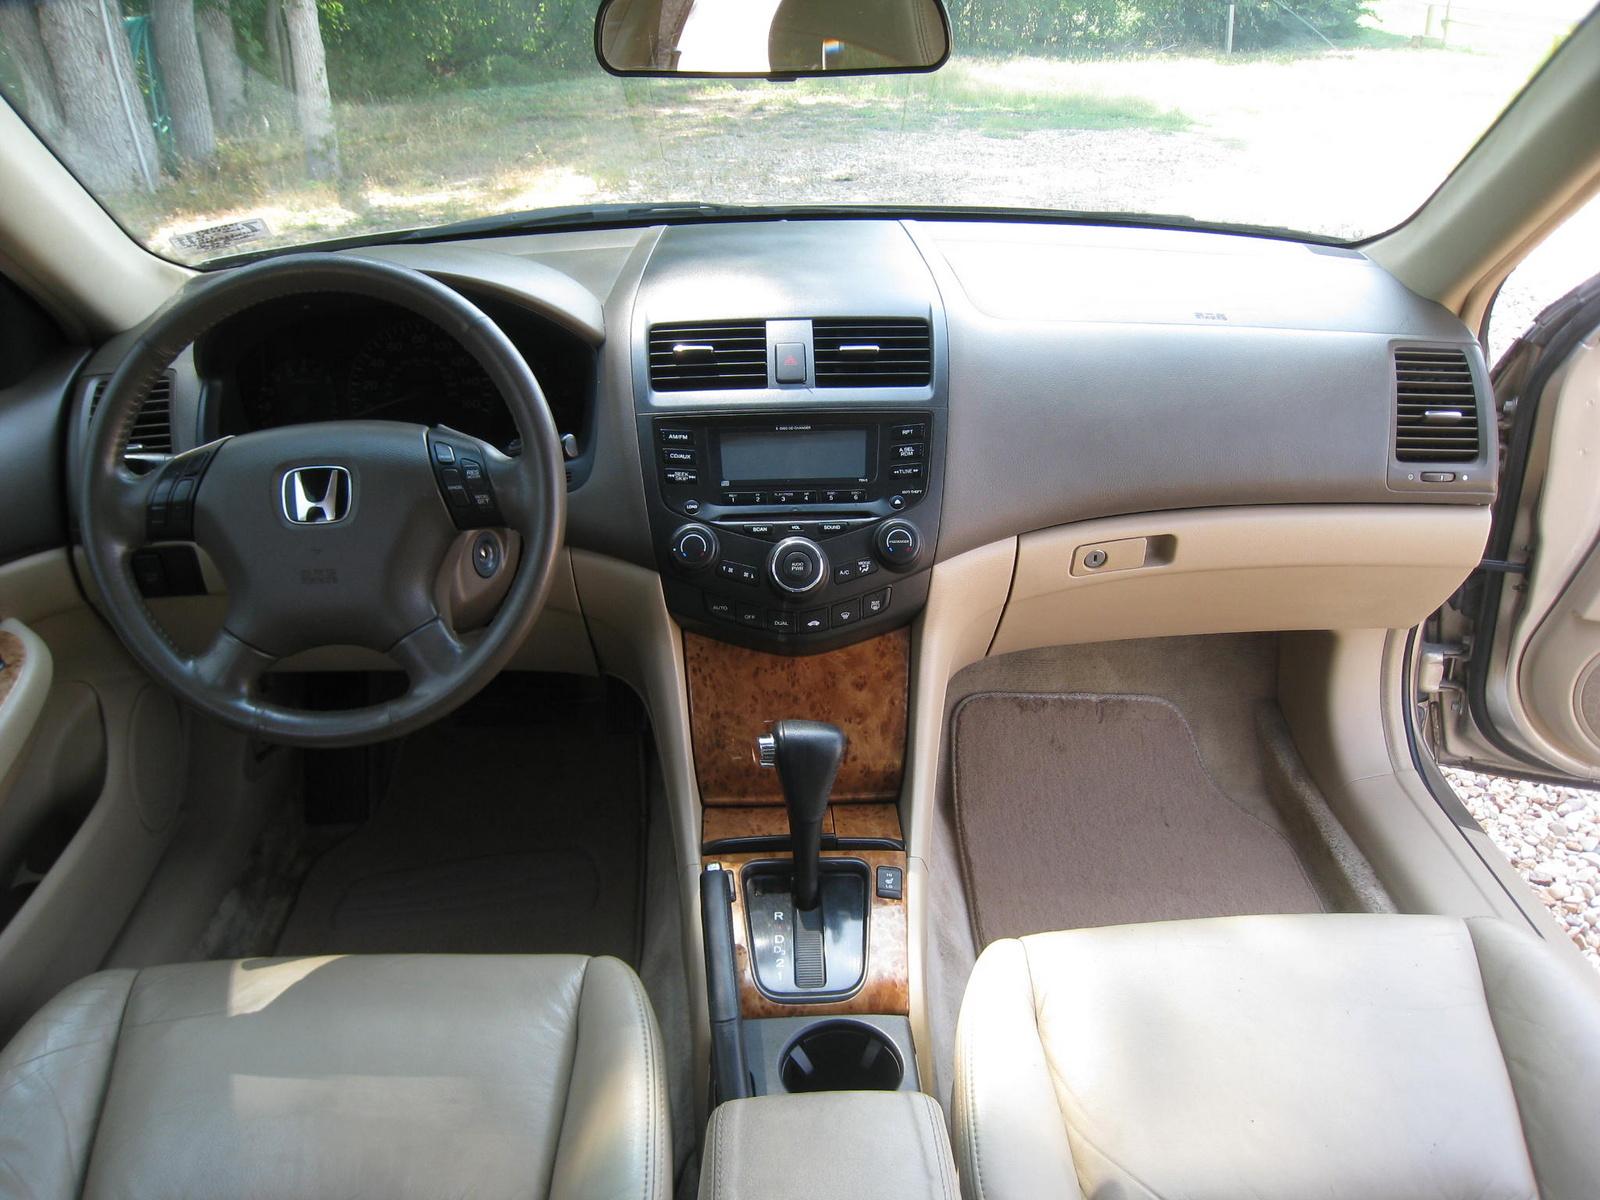 2003 Honda Accord Interior Pictures Cargurus